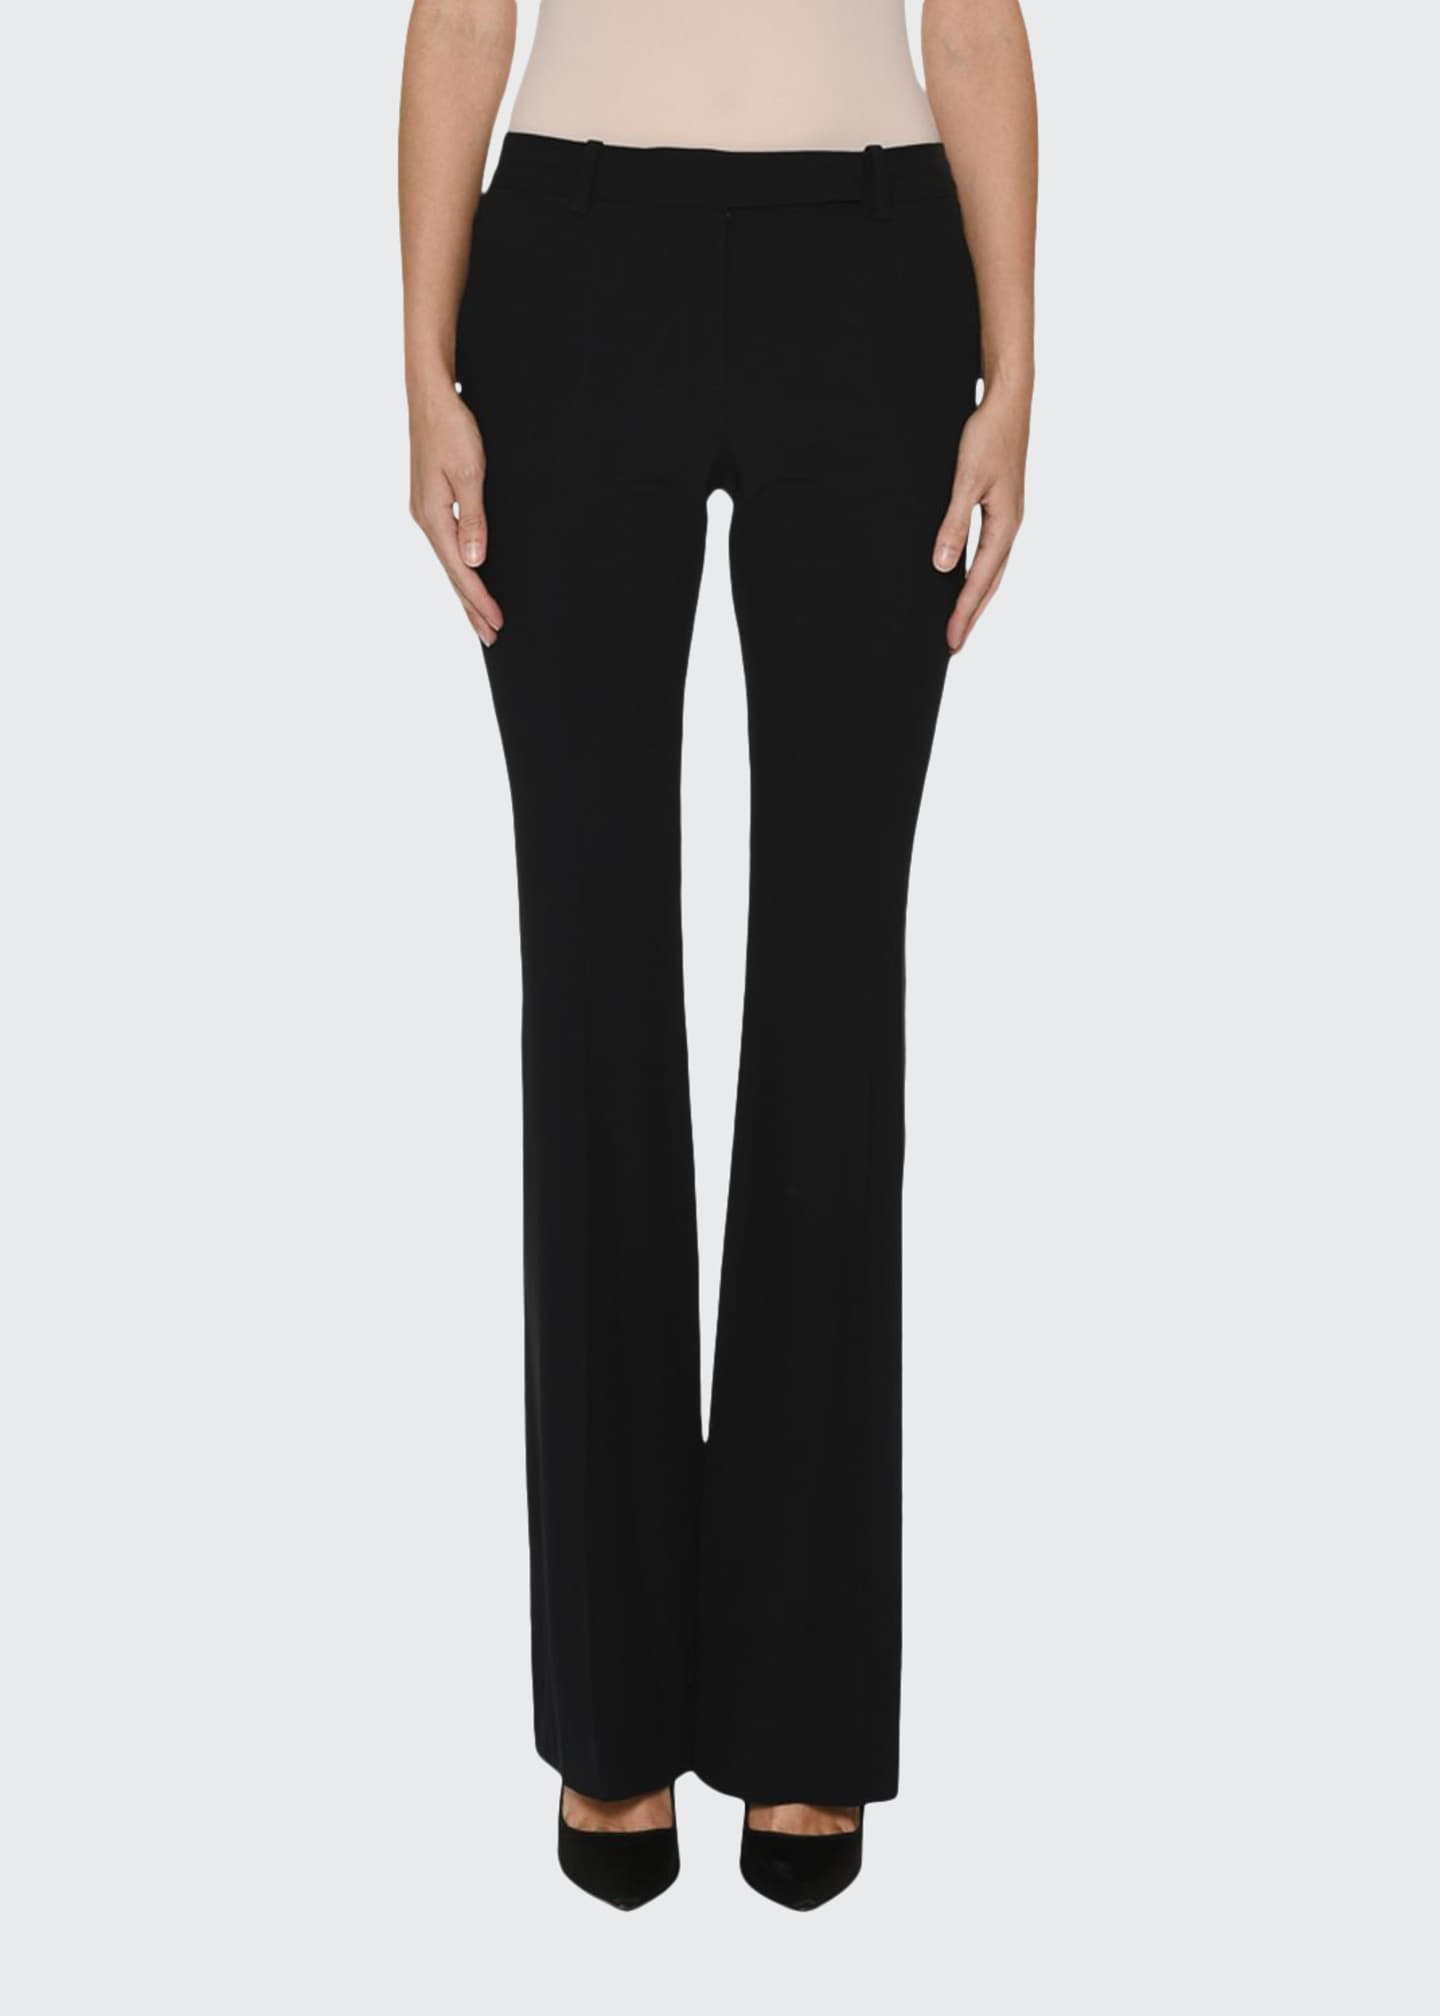 Alexander McQueen Classic Crepe Suiting Pants